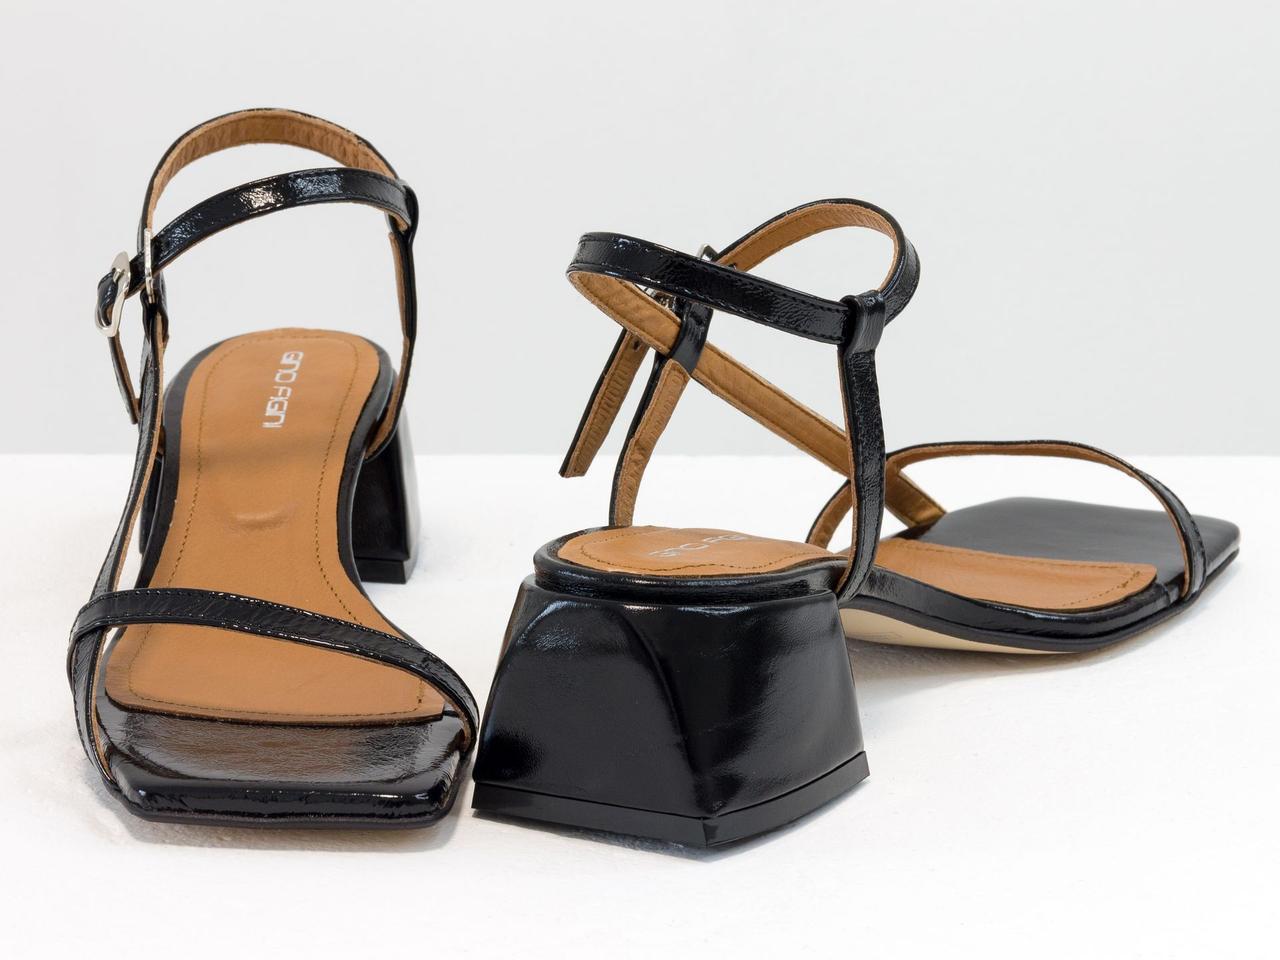 Дизайнерские босоножки на невысоком расклешенном каблуке, выполнены из натуральной итальянской лаковой кожи